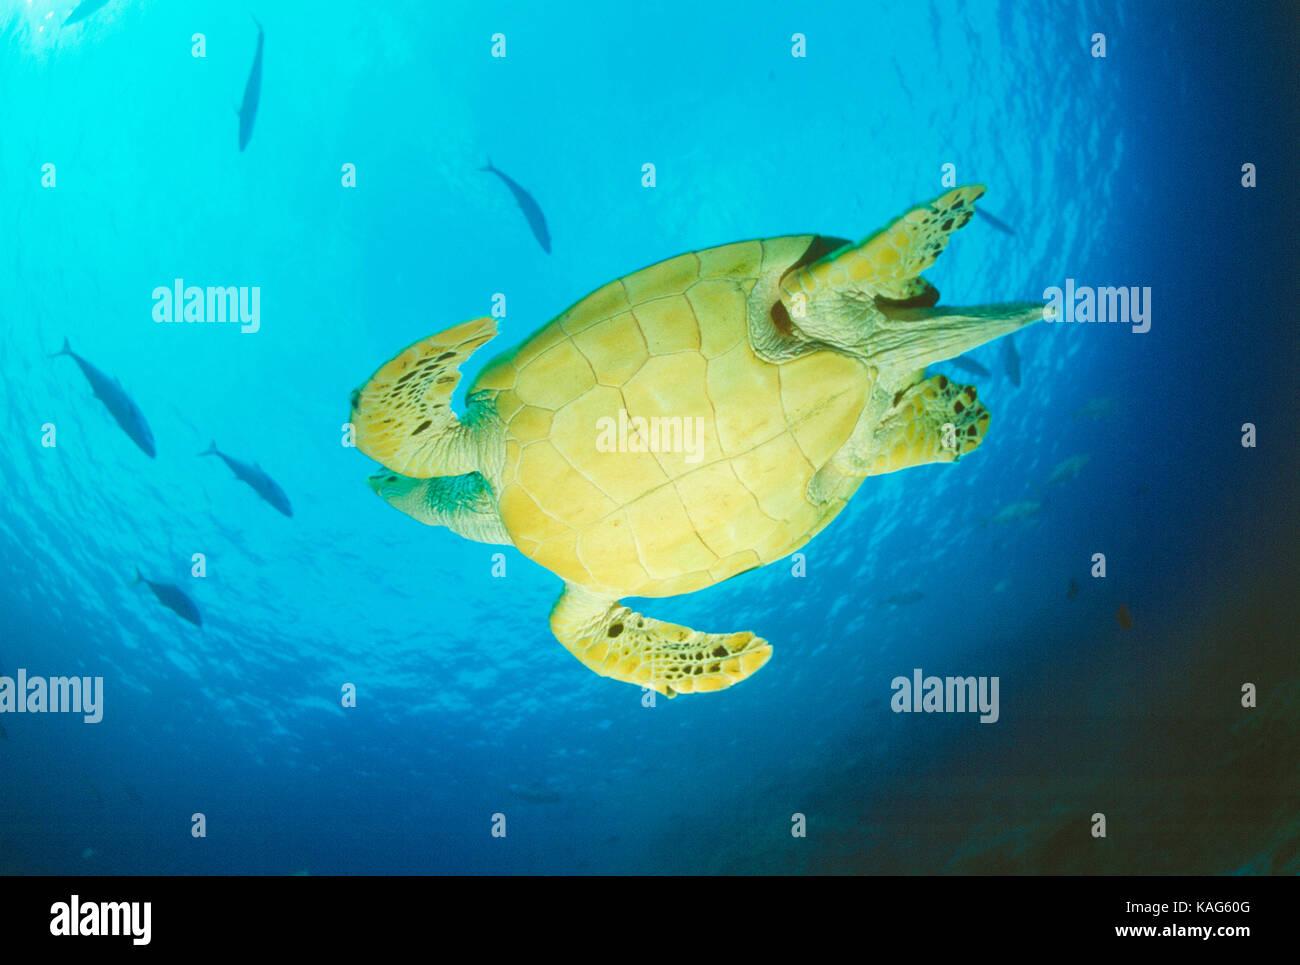 Ägypten. Das rote Meer. Ansicht der Unterseite des Hawksbill Schildkröte Schwimmen unter Wasser. Stockbild